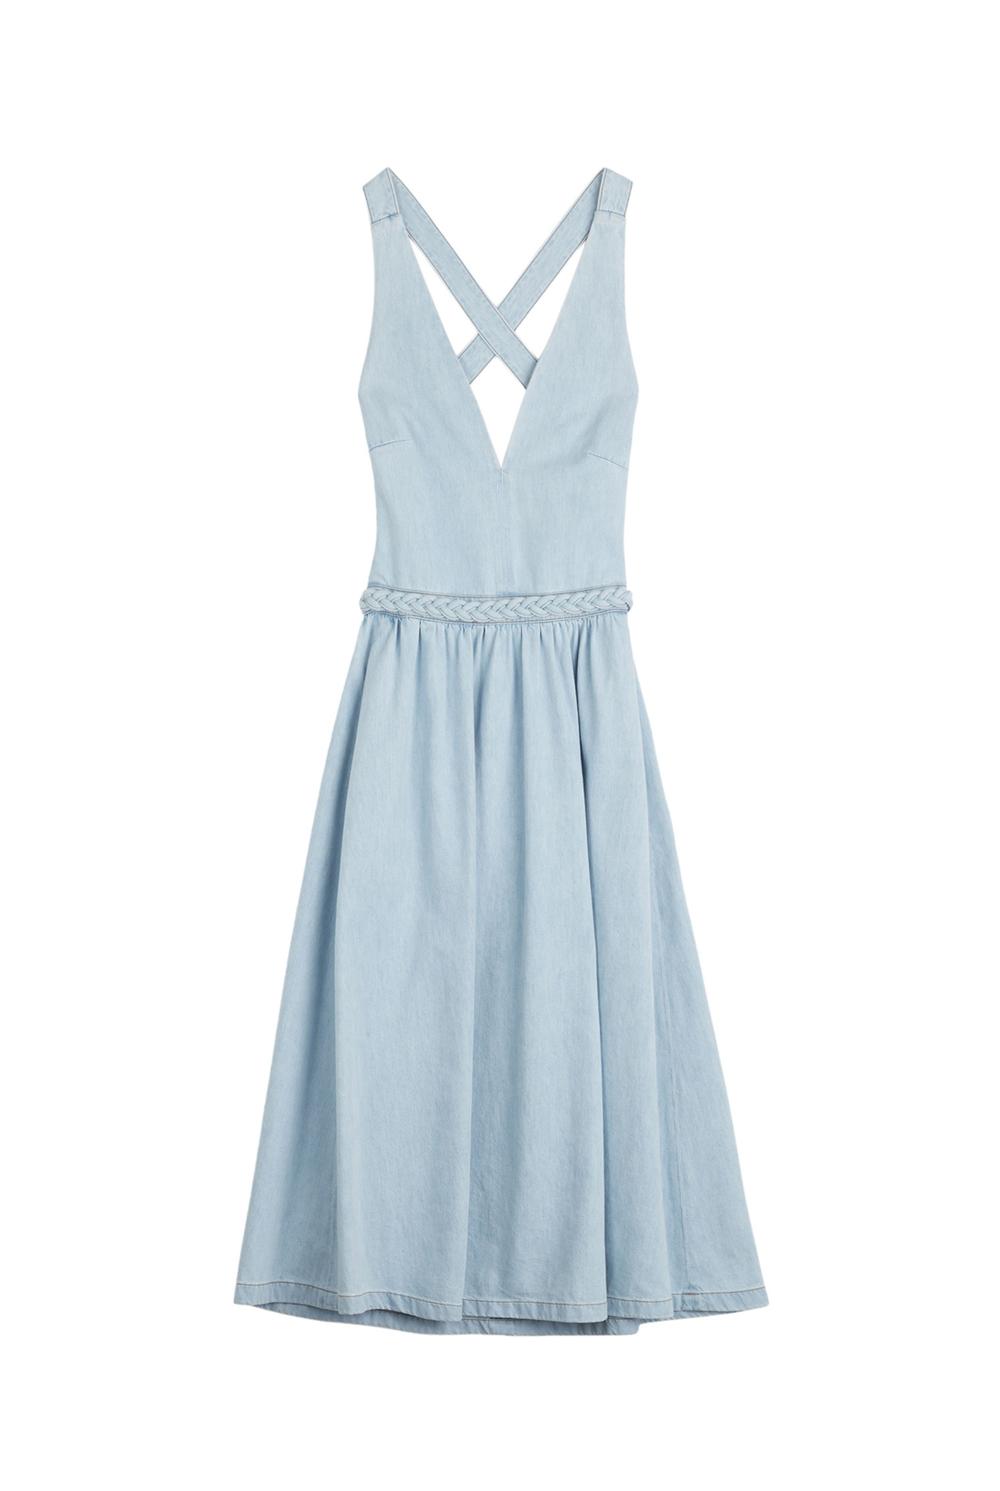 06-spring-denim-trends-dresses-04.jpg